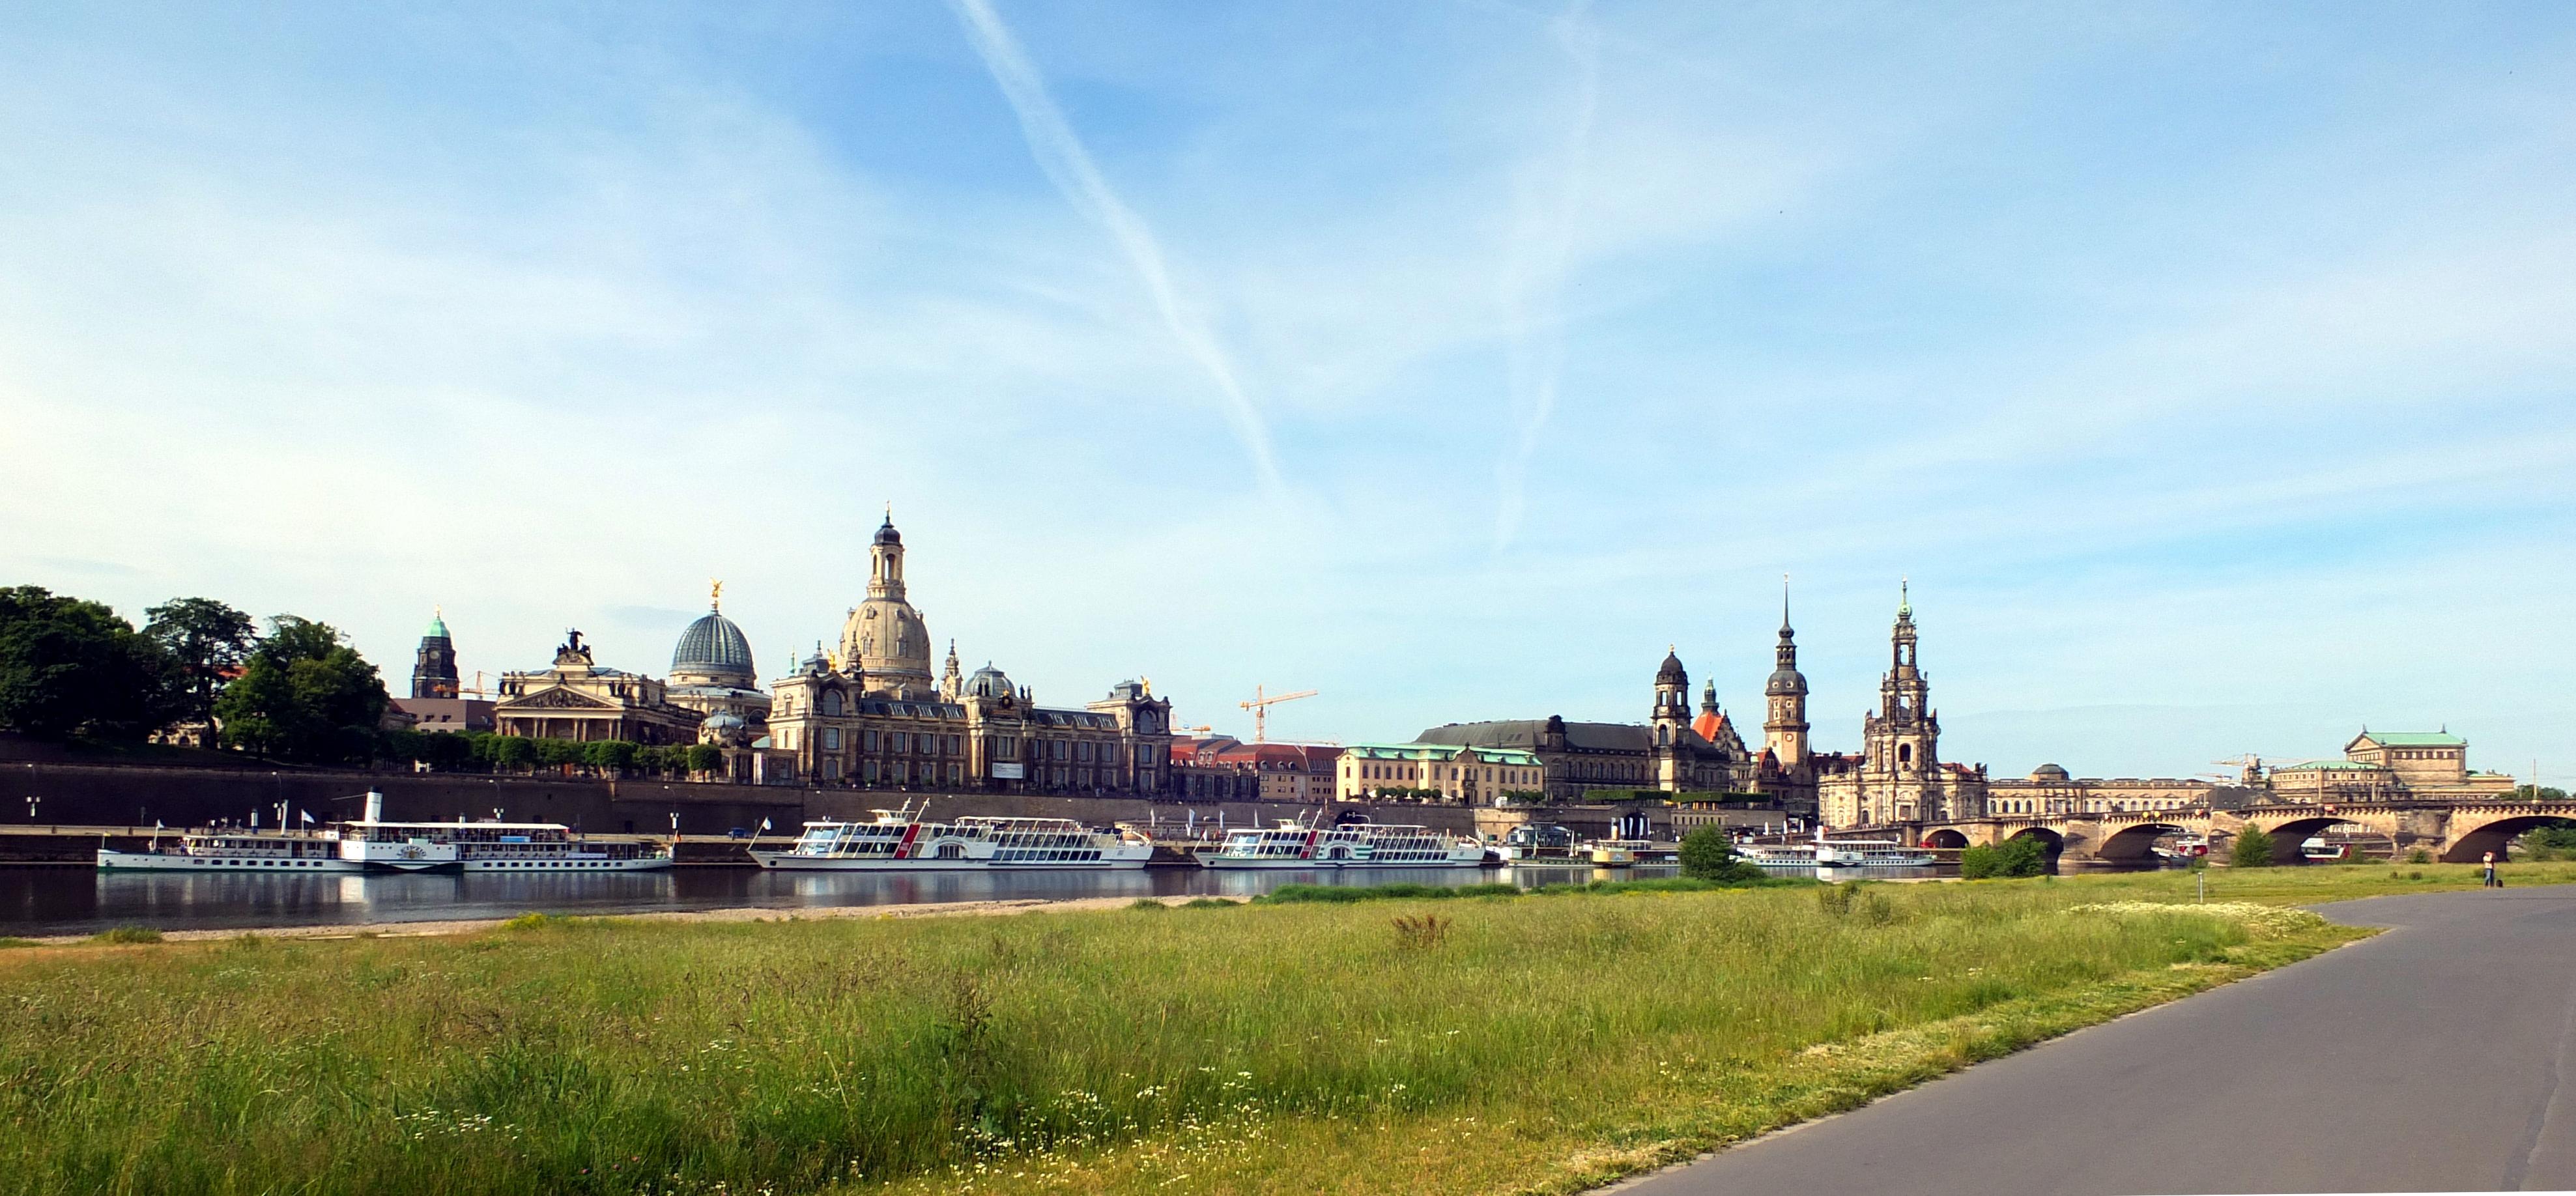 Geräumig Skyline Dresden Ideen Von File:dresden 06.jpg